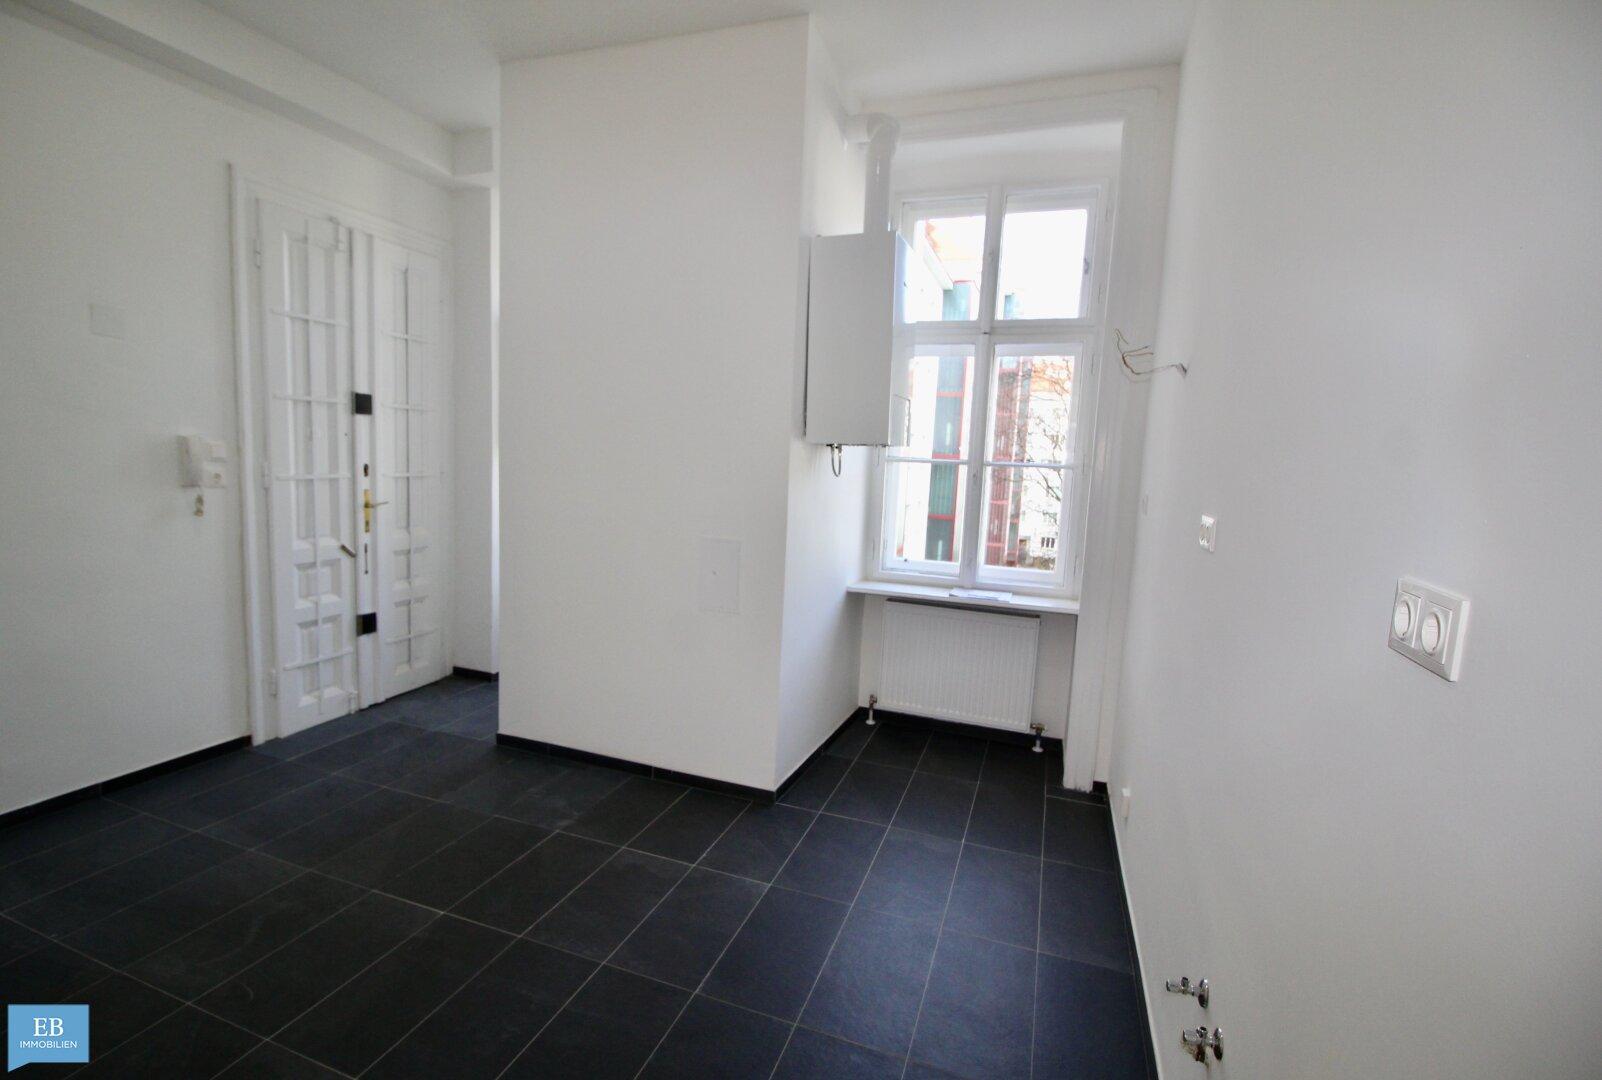 Vorzimmer mit Küchenbereich